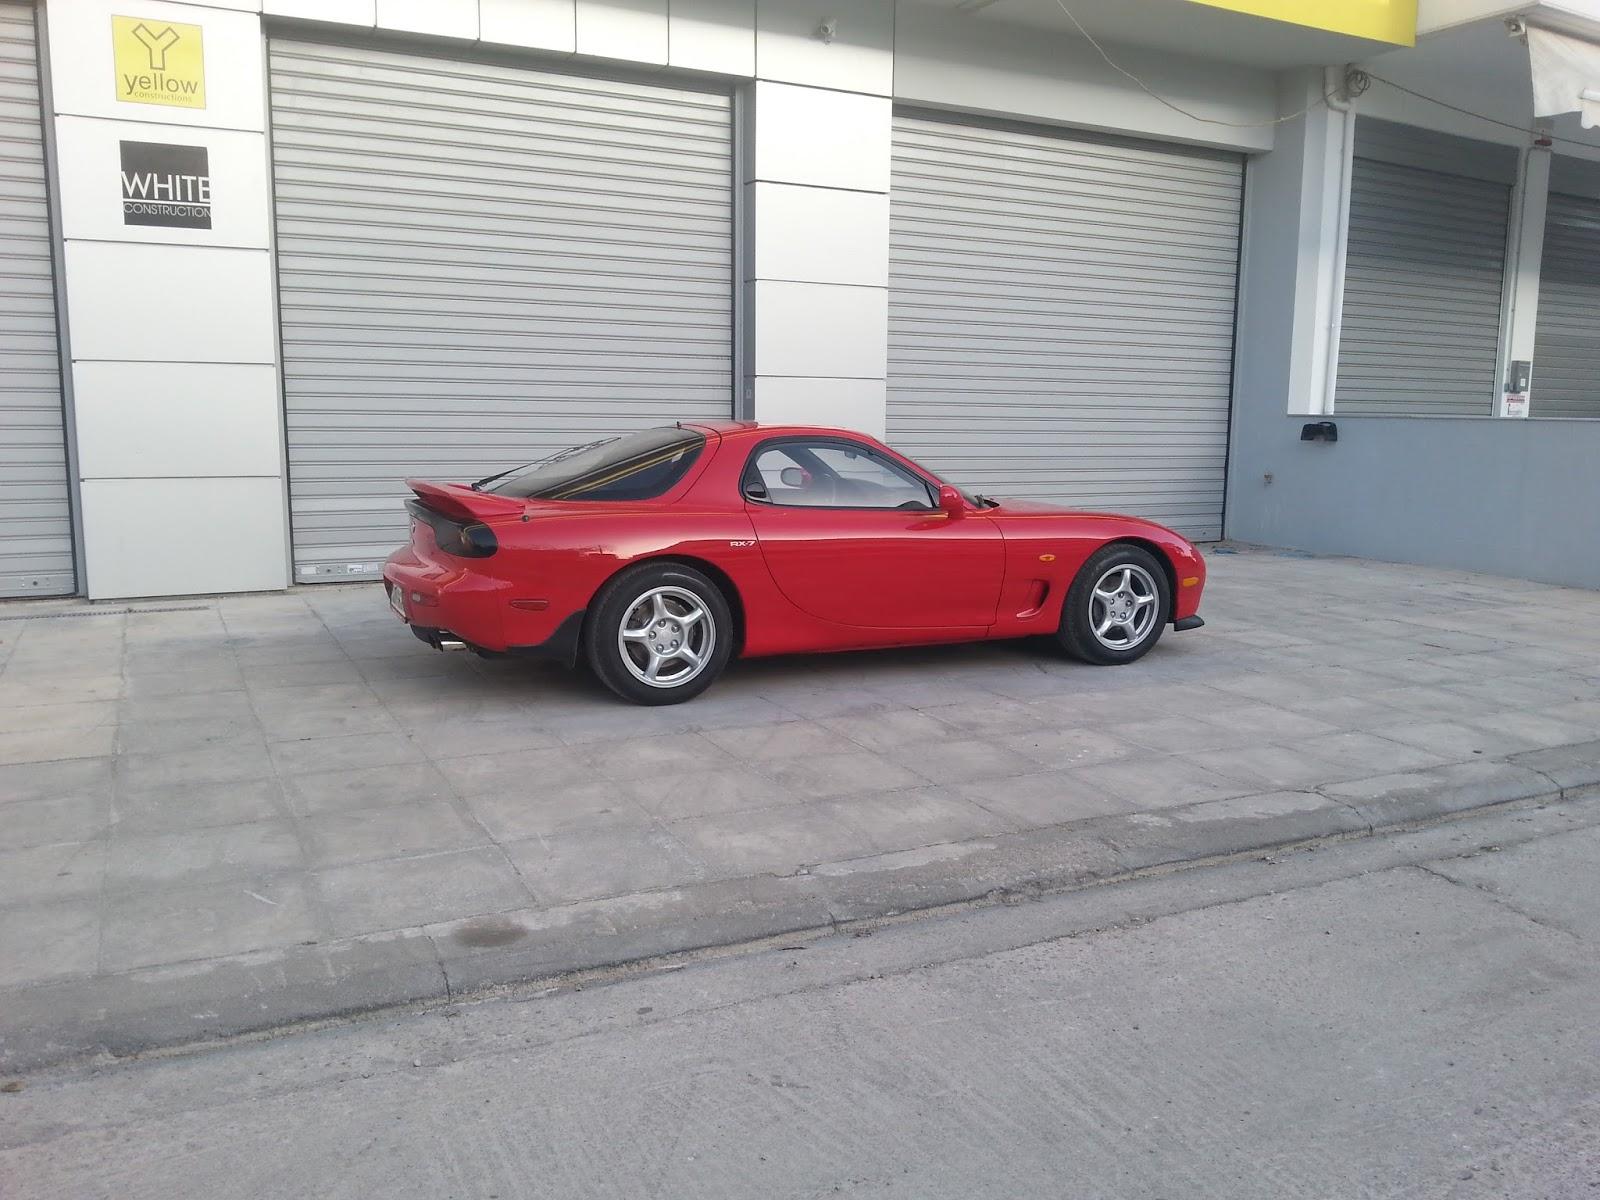 18 Όταν οδήγησα ένα καινούριο Mazda RX-7 Mazda, Mazda RX-7, TEST, zblog, αυτοκίνητα, ΔΟΚΙΜΕΣ, καινούρια, μεταχειρισμένα, οδηγούμε